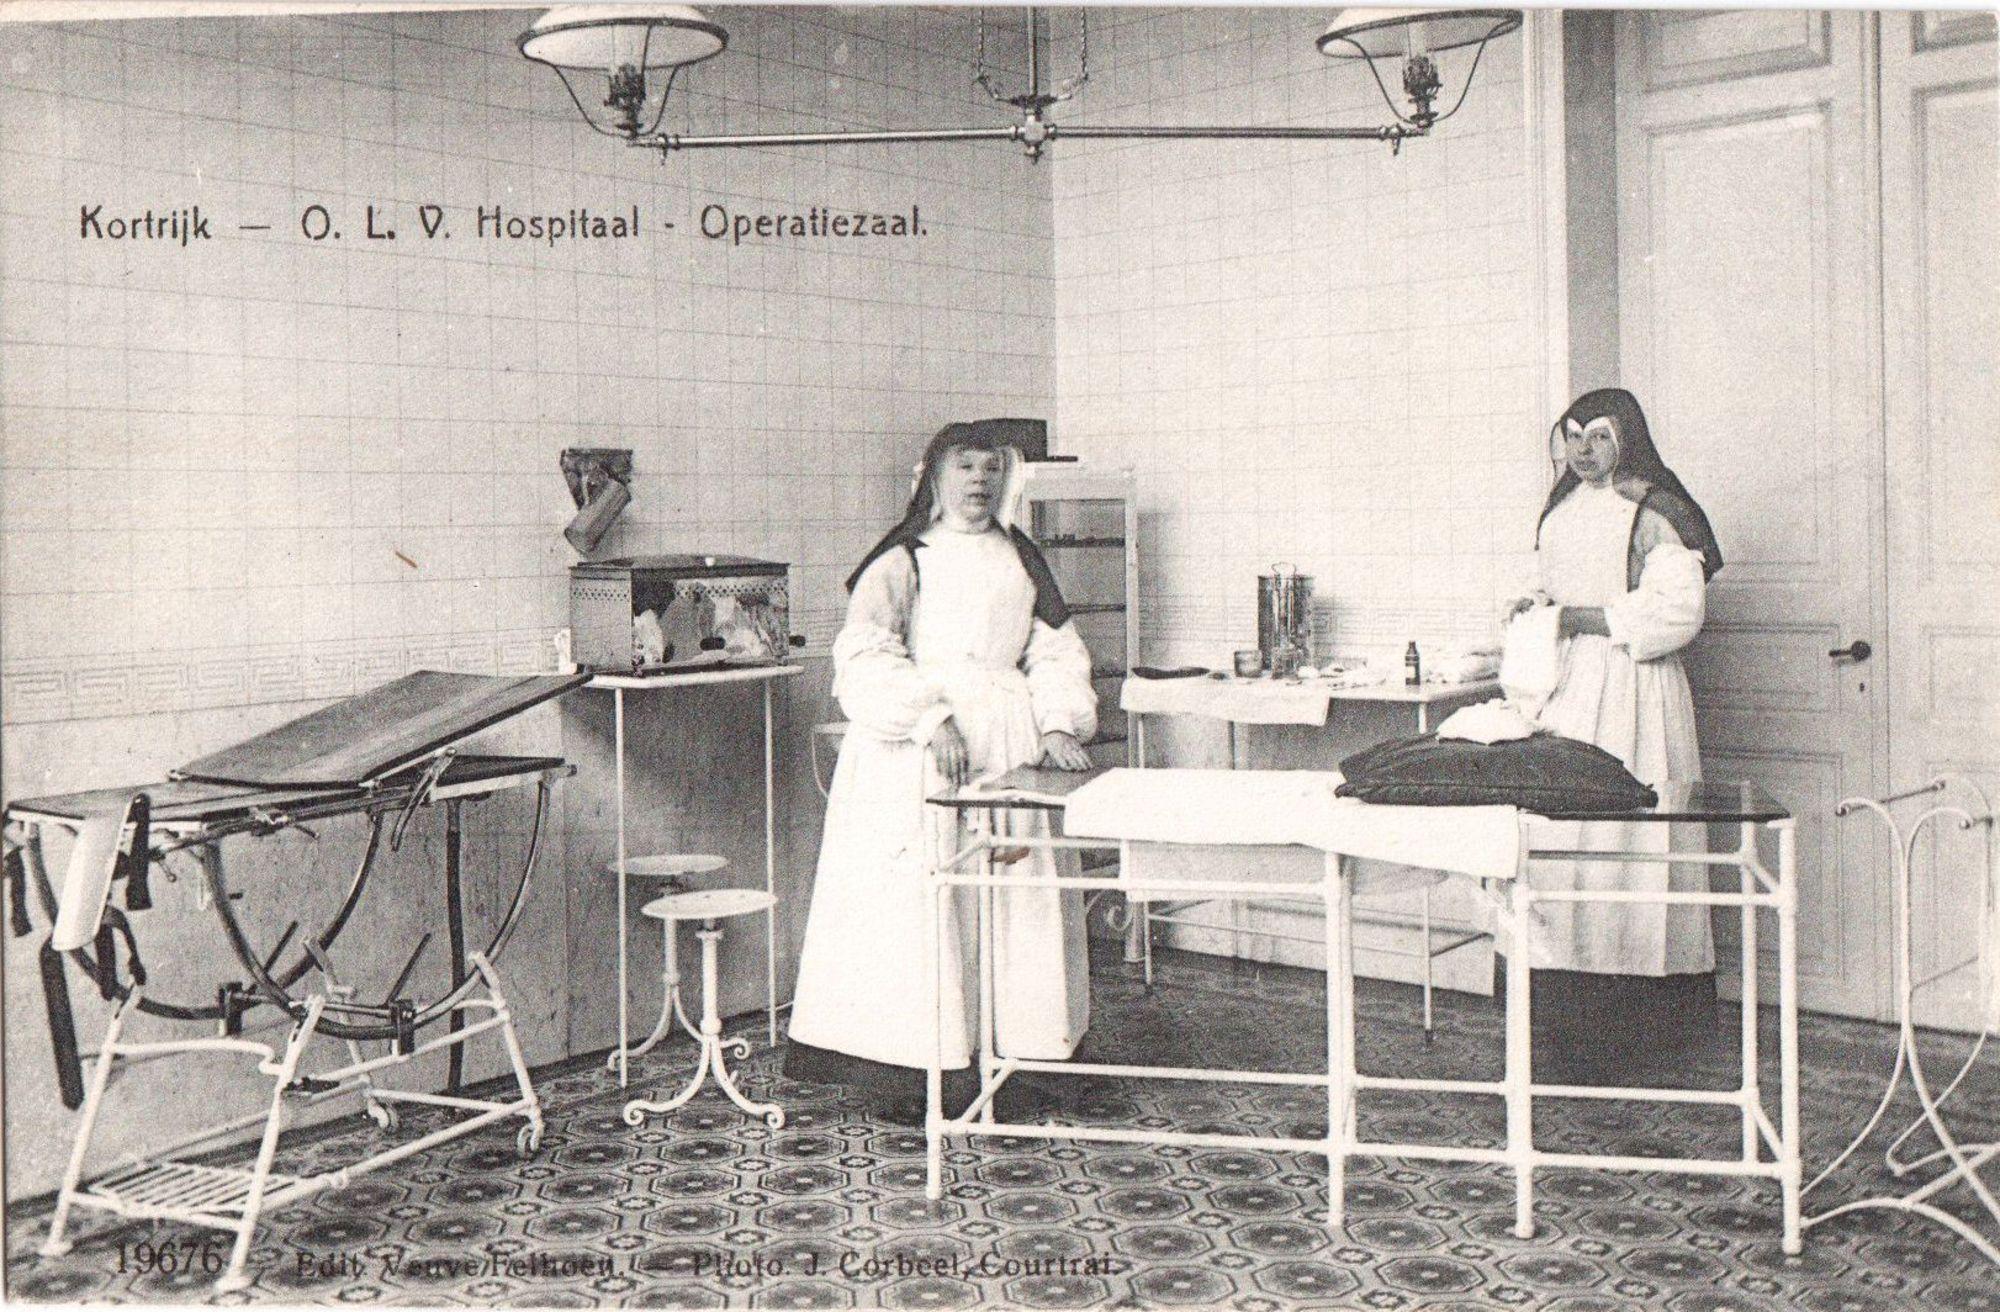 Operatiezaal in het O.L.V. Hospitaal